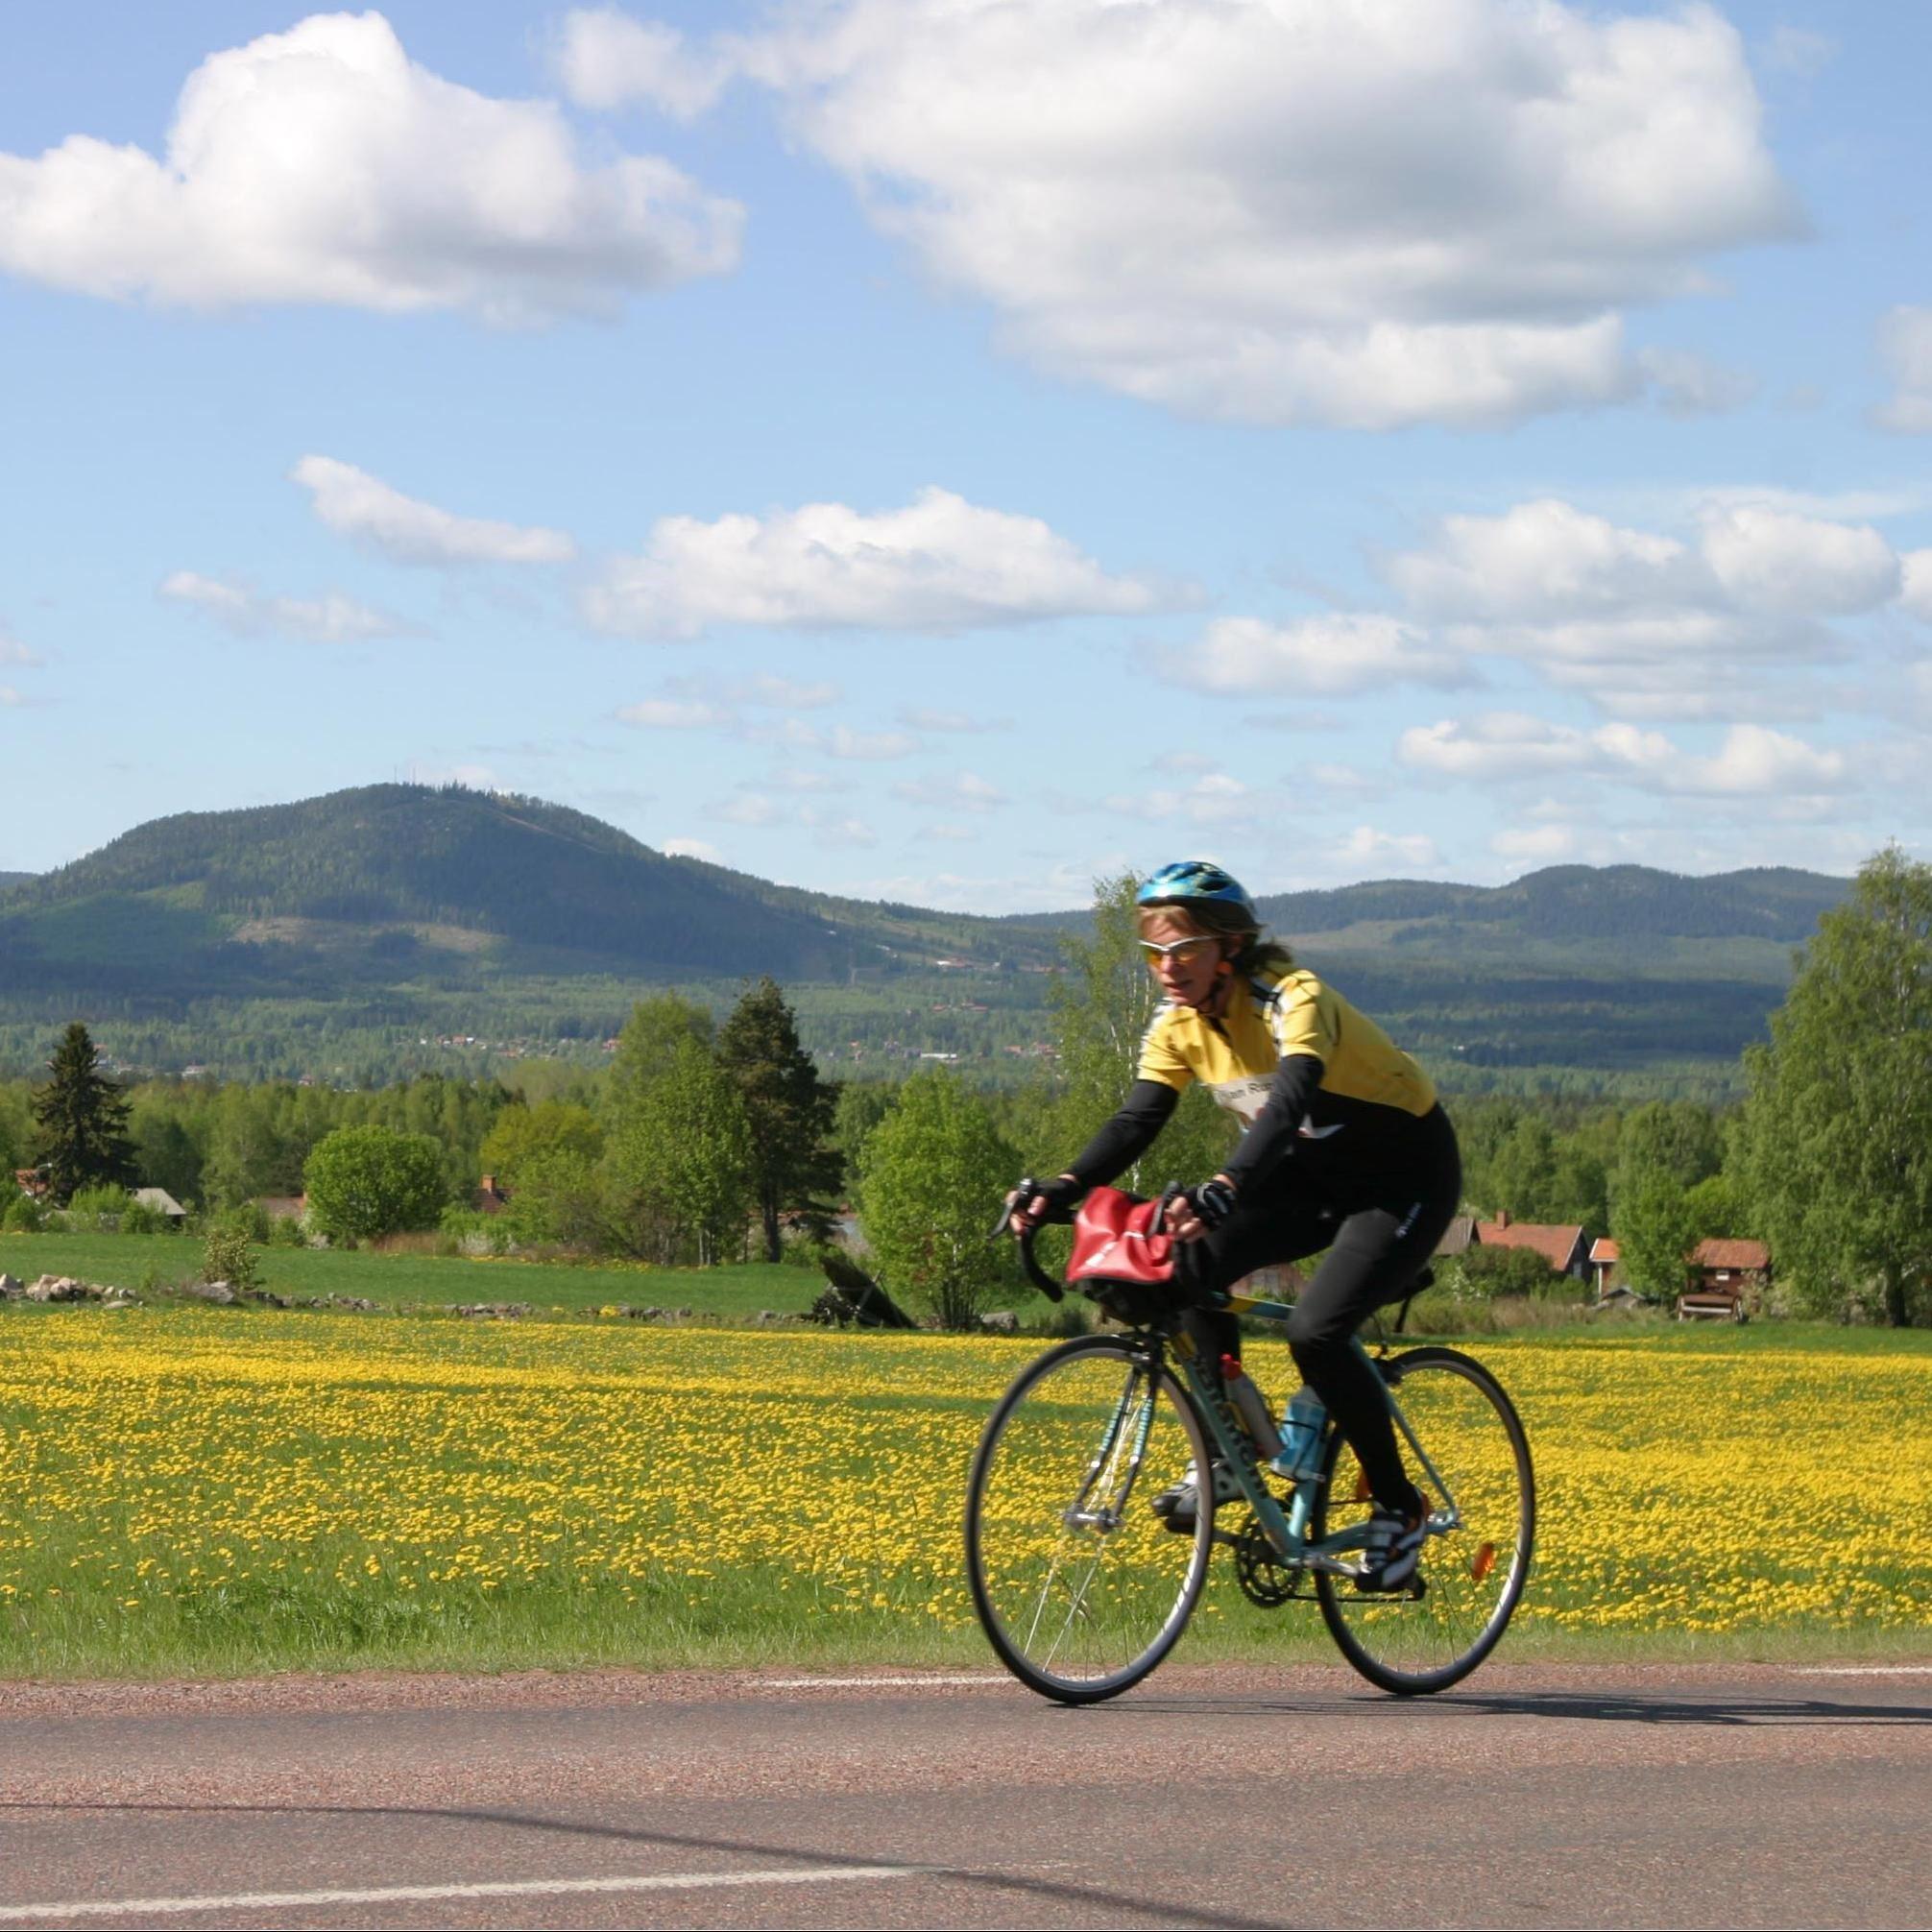 Torbjörn Nääs, Siljansleden - Cykelled